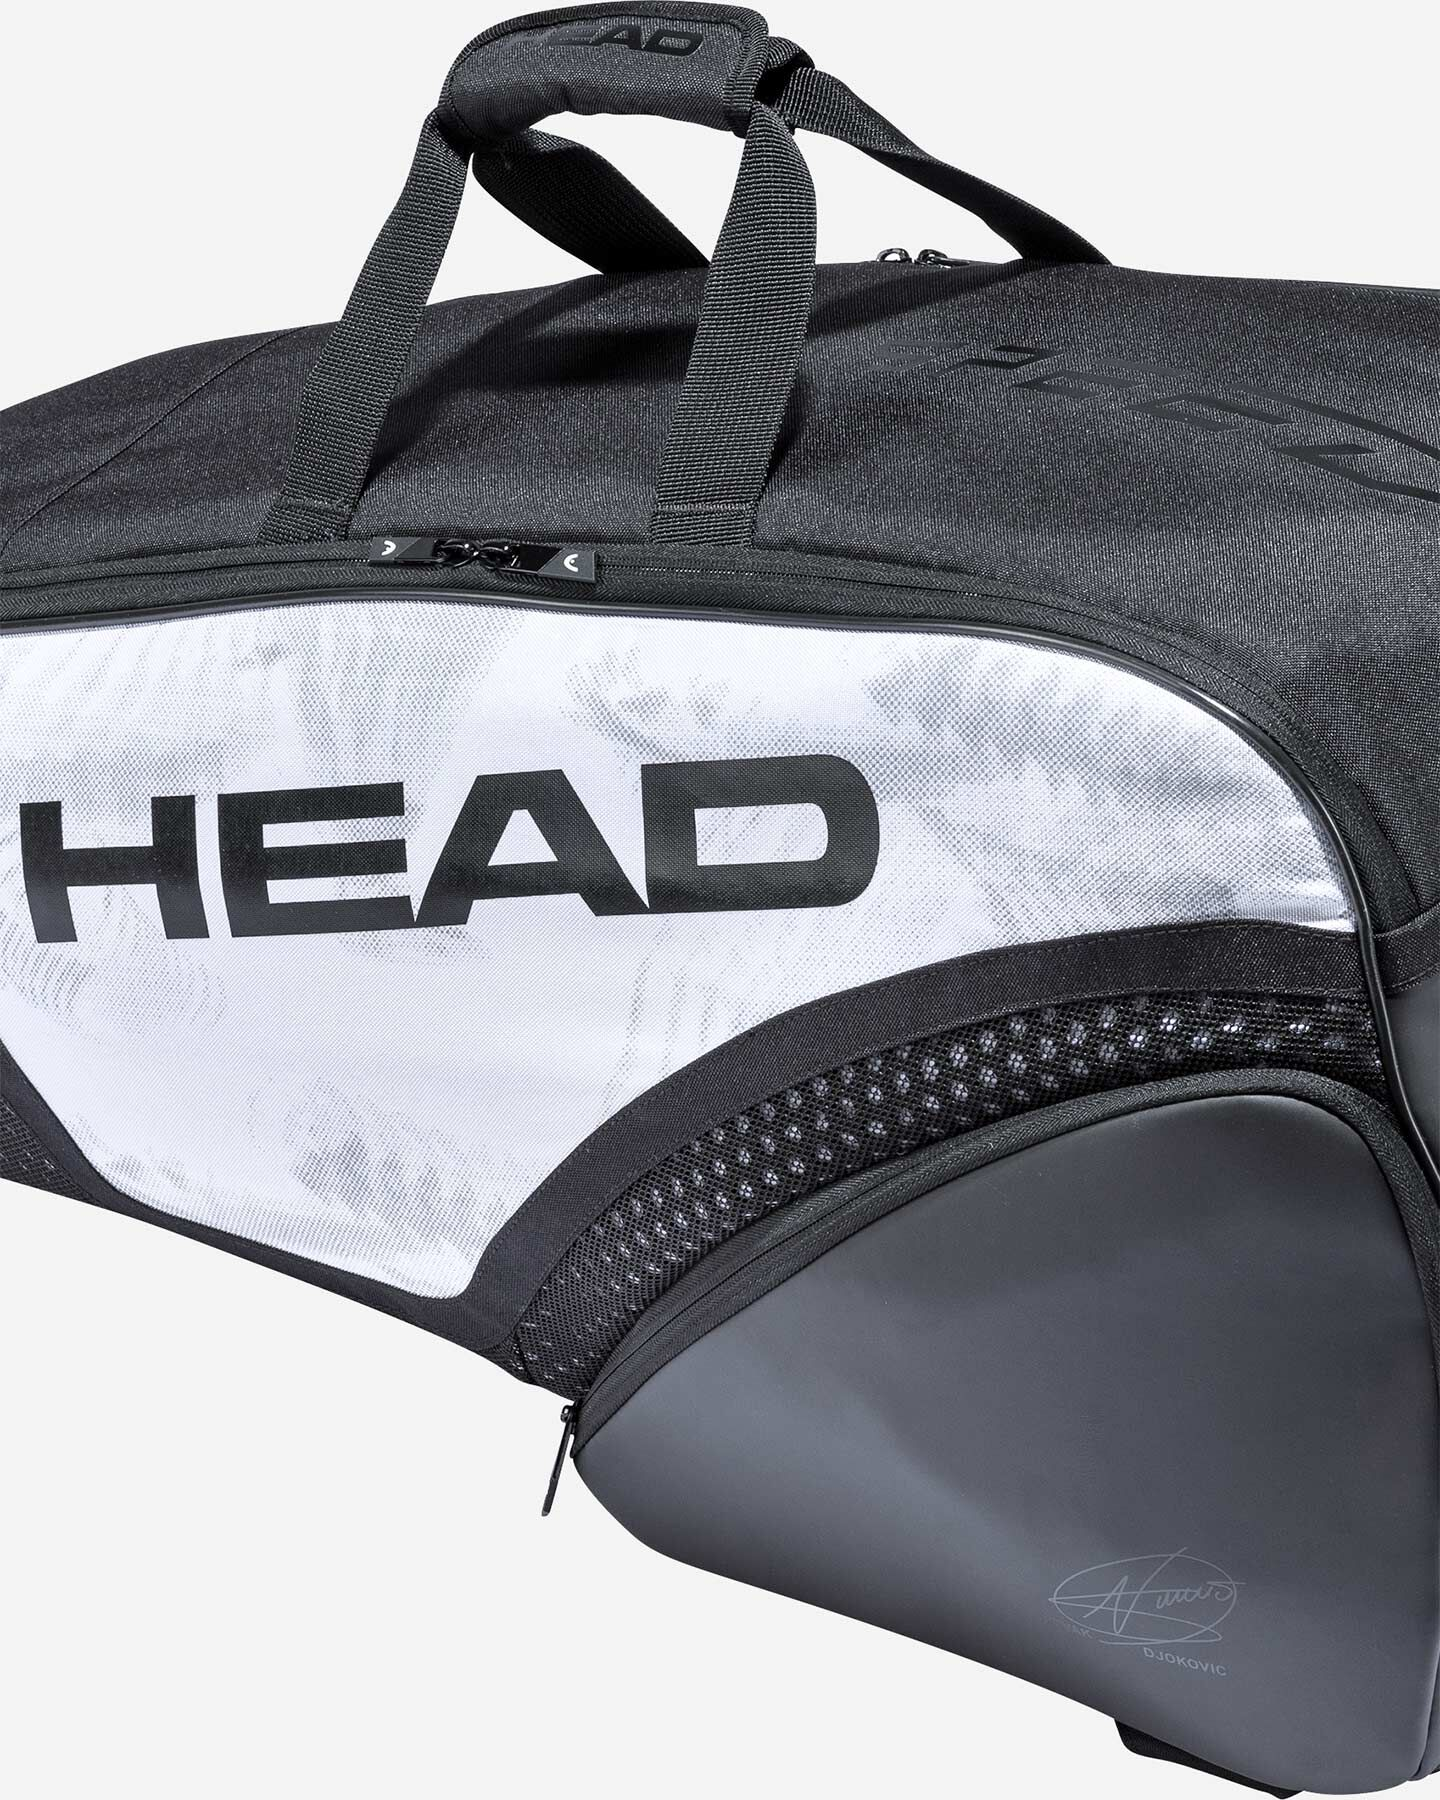 Fodero HEAD DJOKOVIC COMBI 6R S5349473 WHBK UNI scatto 1